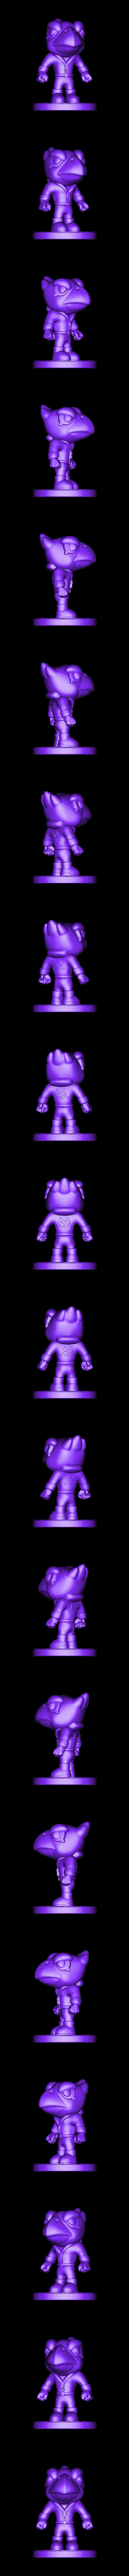 crowstars.stl Descargar archivo STL Cuervo // Estrellas de la pelea • Objeto imprimible en 3D, MatteoMoscatelli